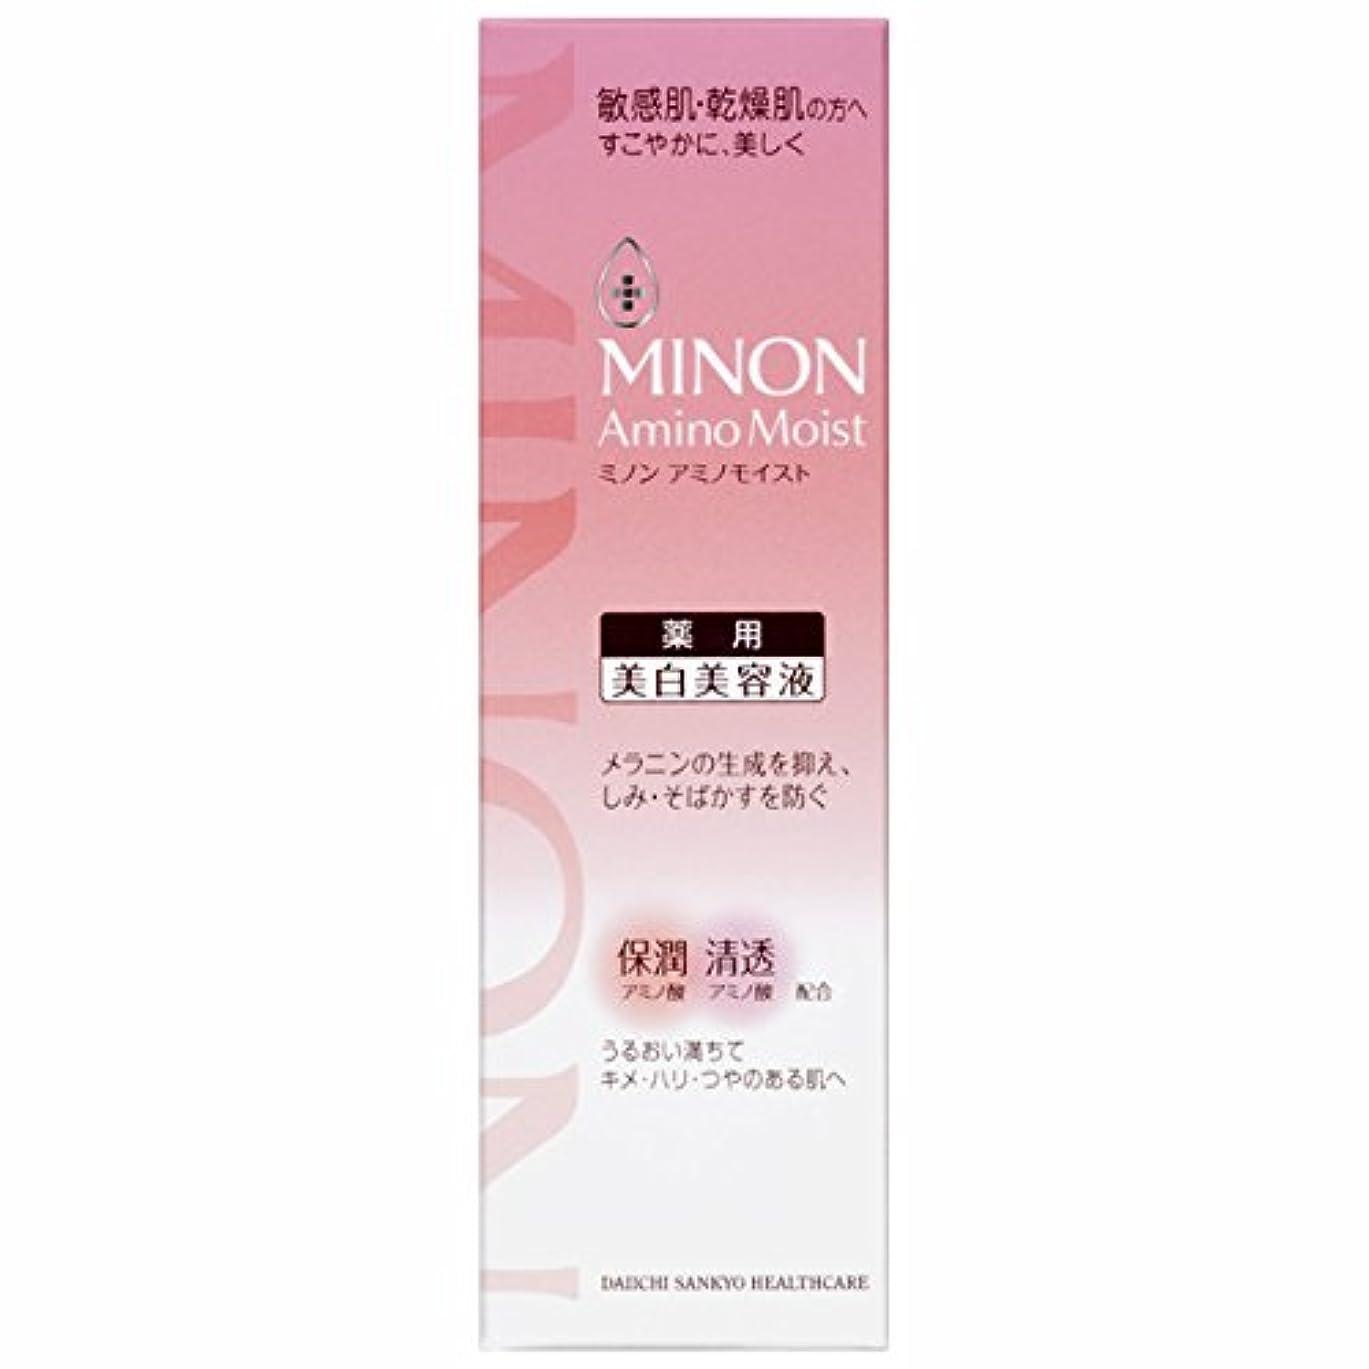 ジェームズダイソン窒息させるアルバニーミノン アミノモイスト 薬用マイルド ホワイトニング 30g (医薬部外品)